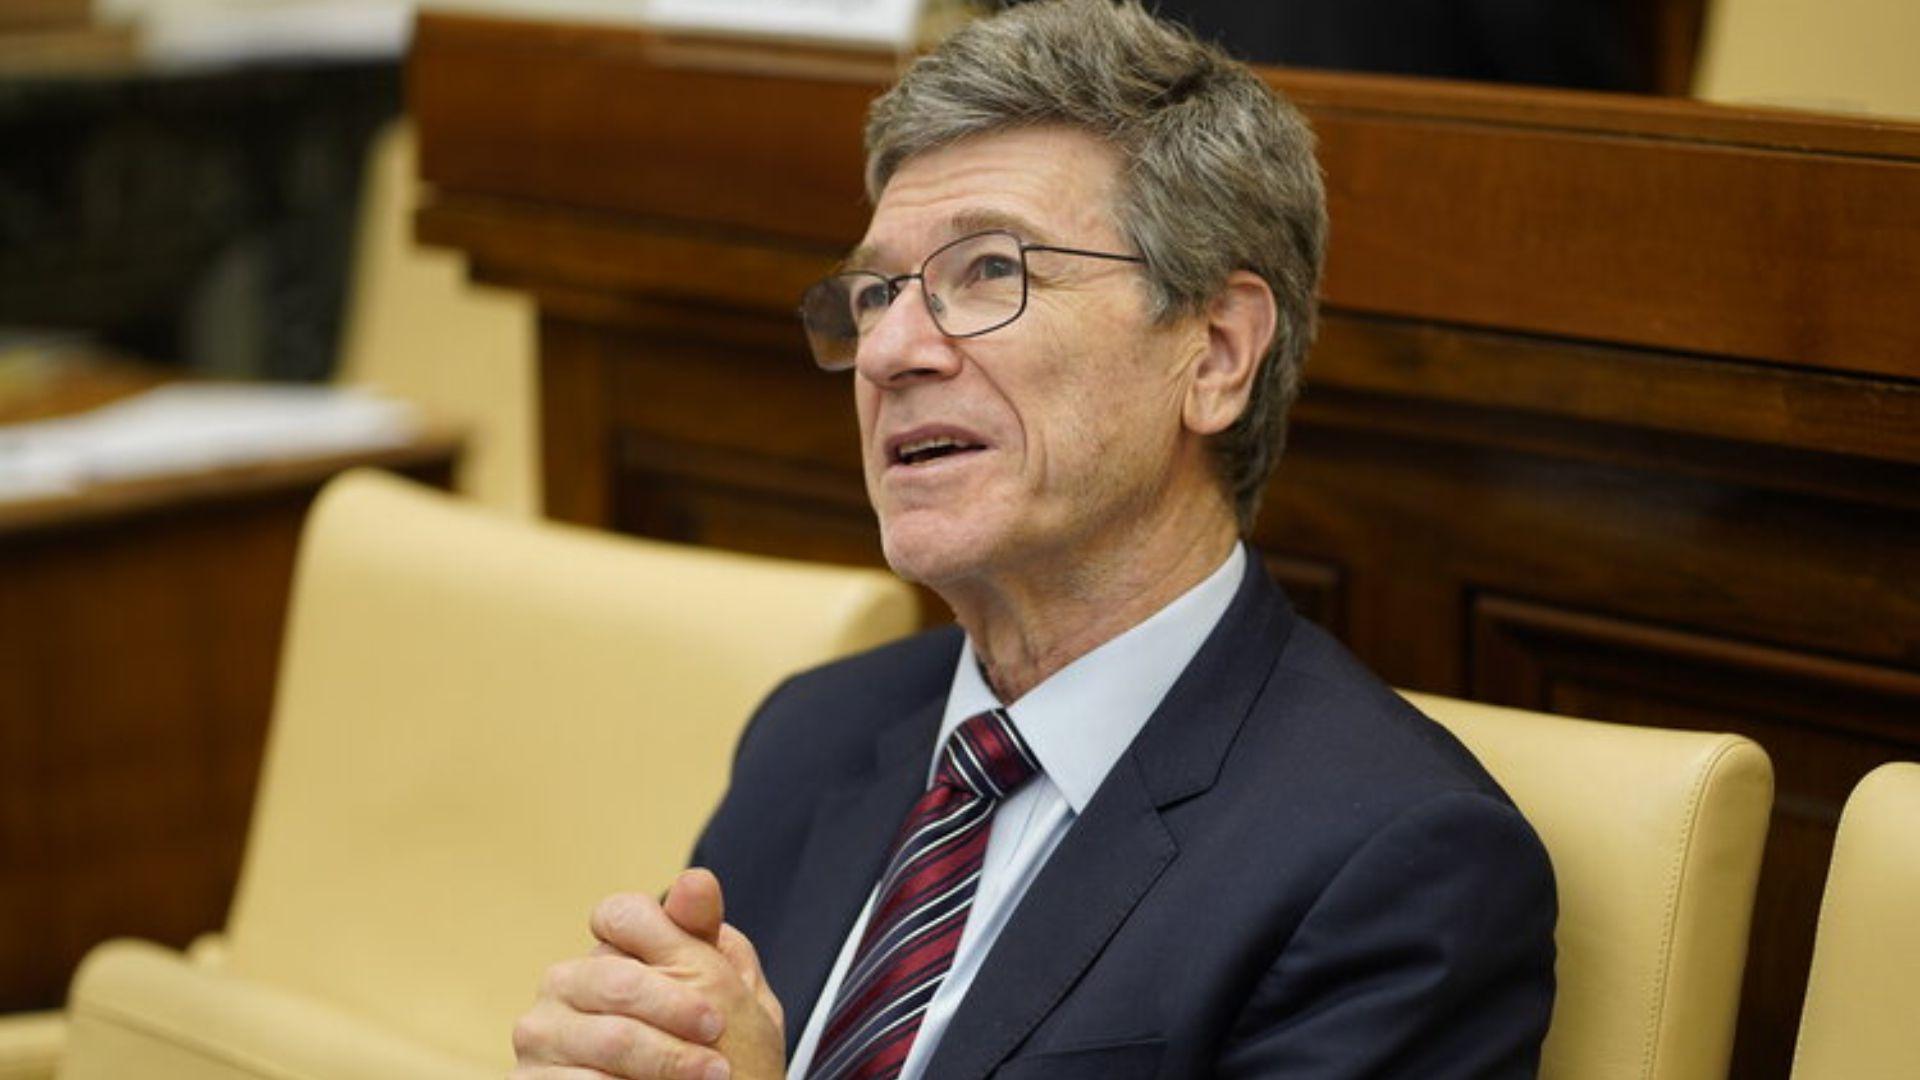 El economista Jeffrey Sachs criticó a AMLO por invertir más en Pemex que en energías renovables. (Foto: jeffsachs.org)